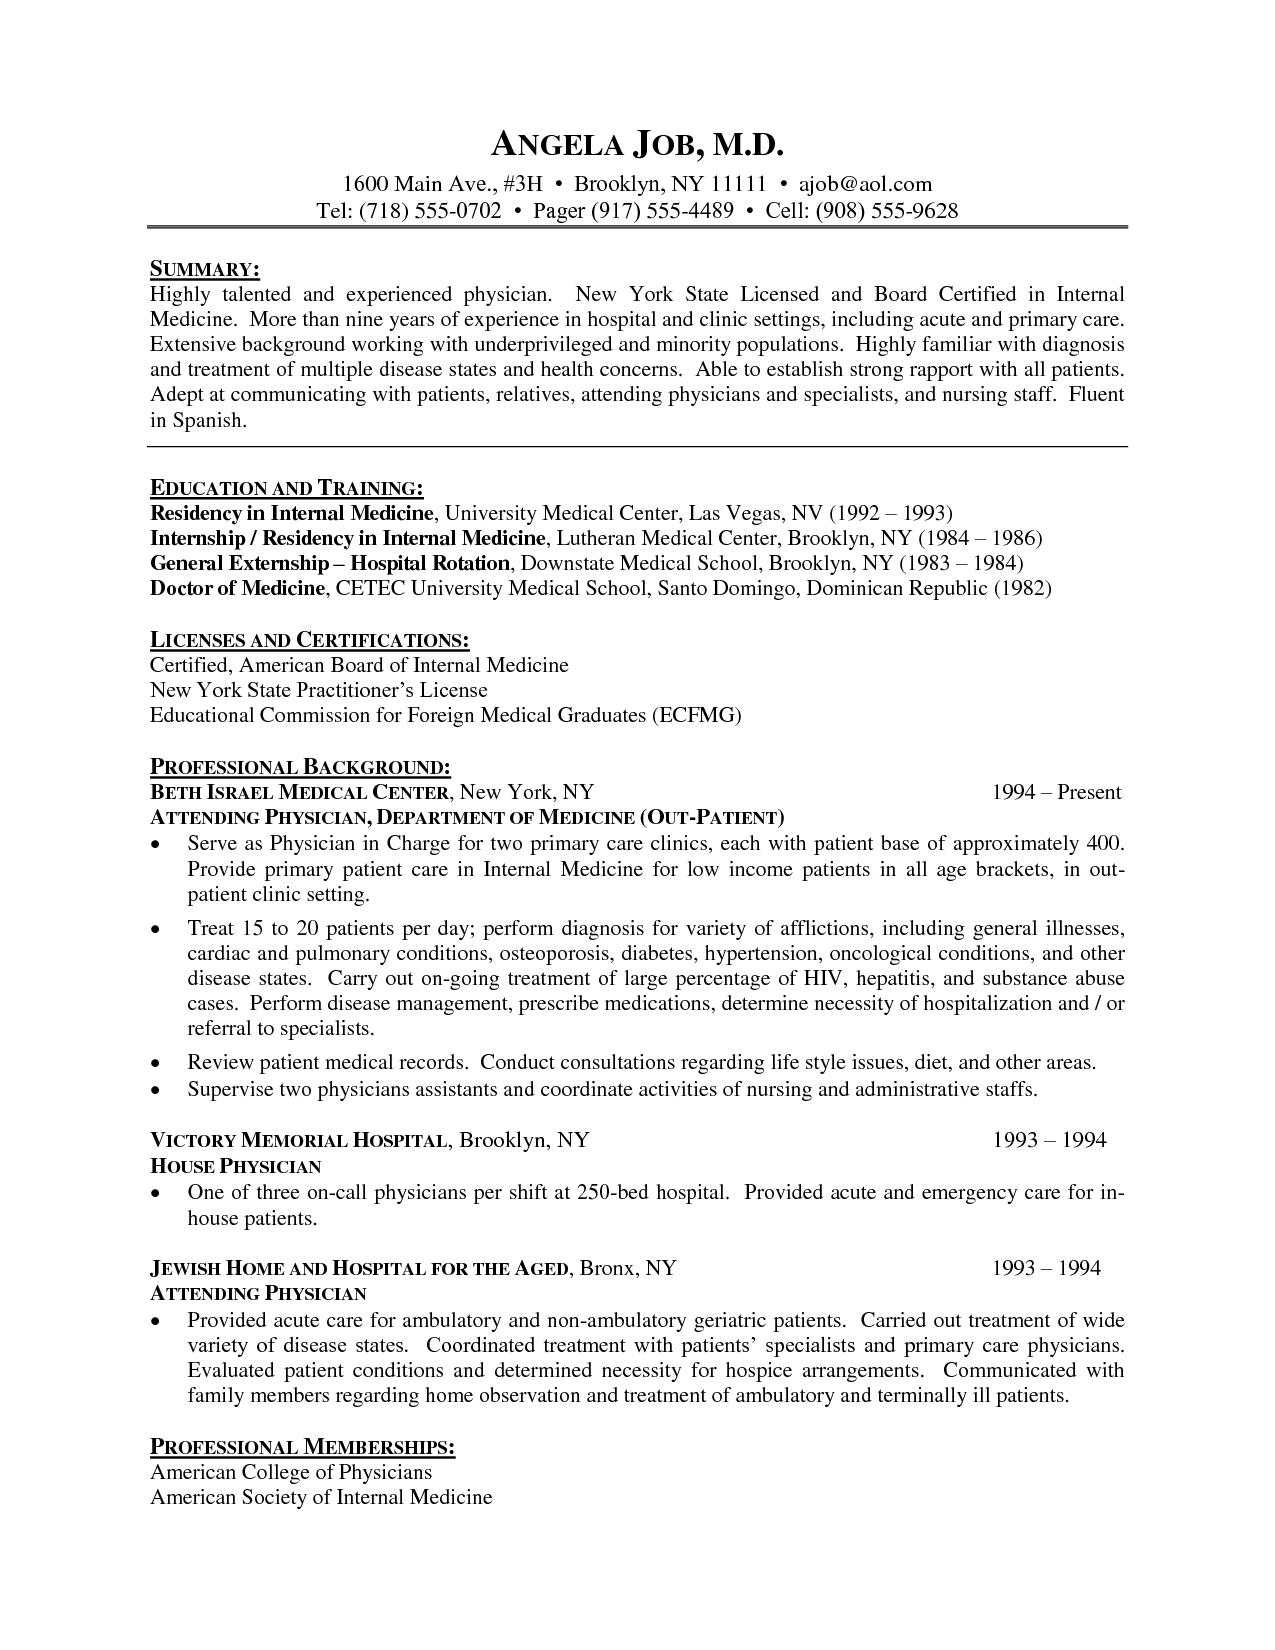 sample resume for observership